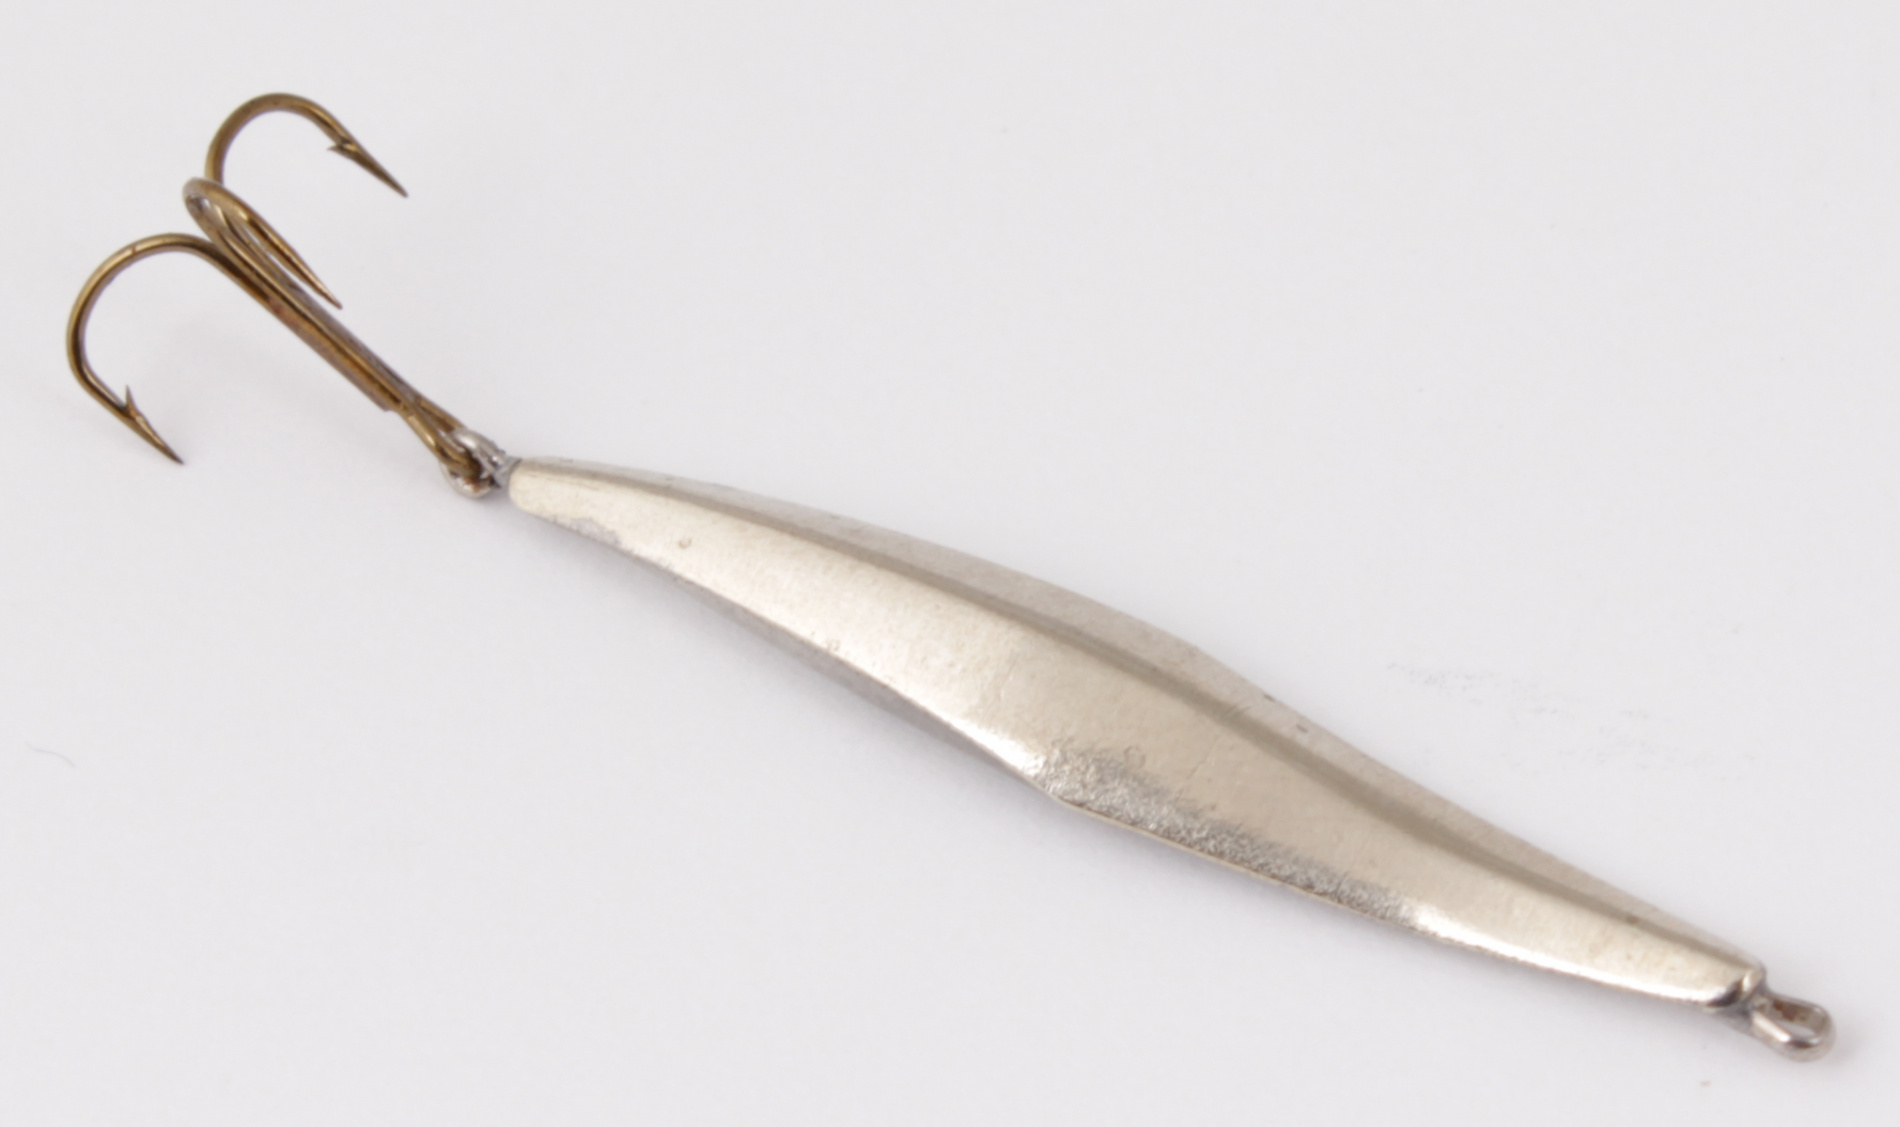 Блесна зимняя DIXXON-RUS Уралка-Т (ник.) (3,3гр) Блесны<br>Блесна для отвесного блеснения рыбы. Оснащена <br>подвесным тройником. Вес - 3,3 г Цвет - никель<br>